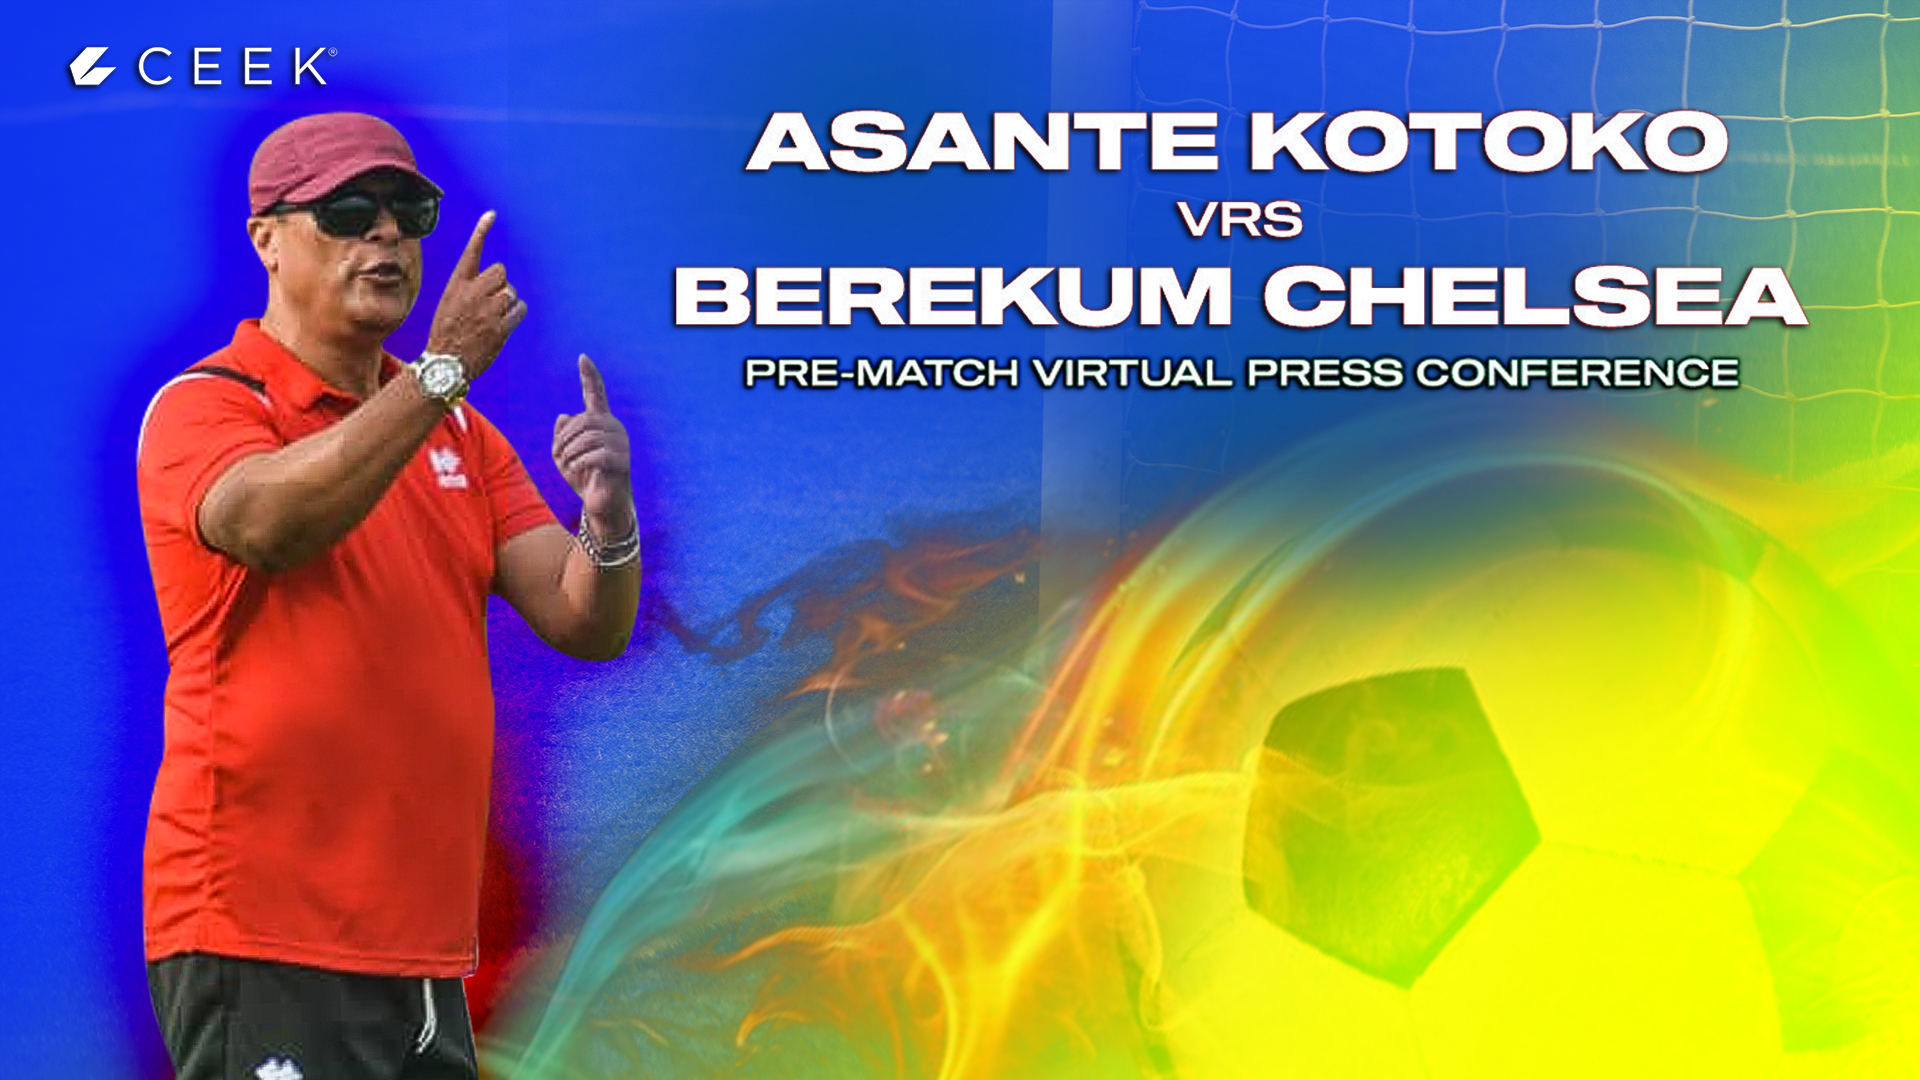 Pre-match Press Conference with Coach Mariano Barreto